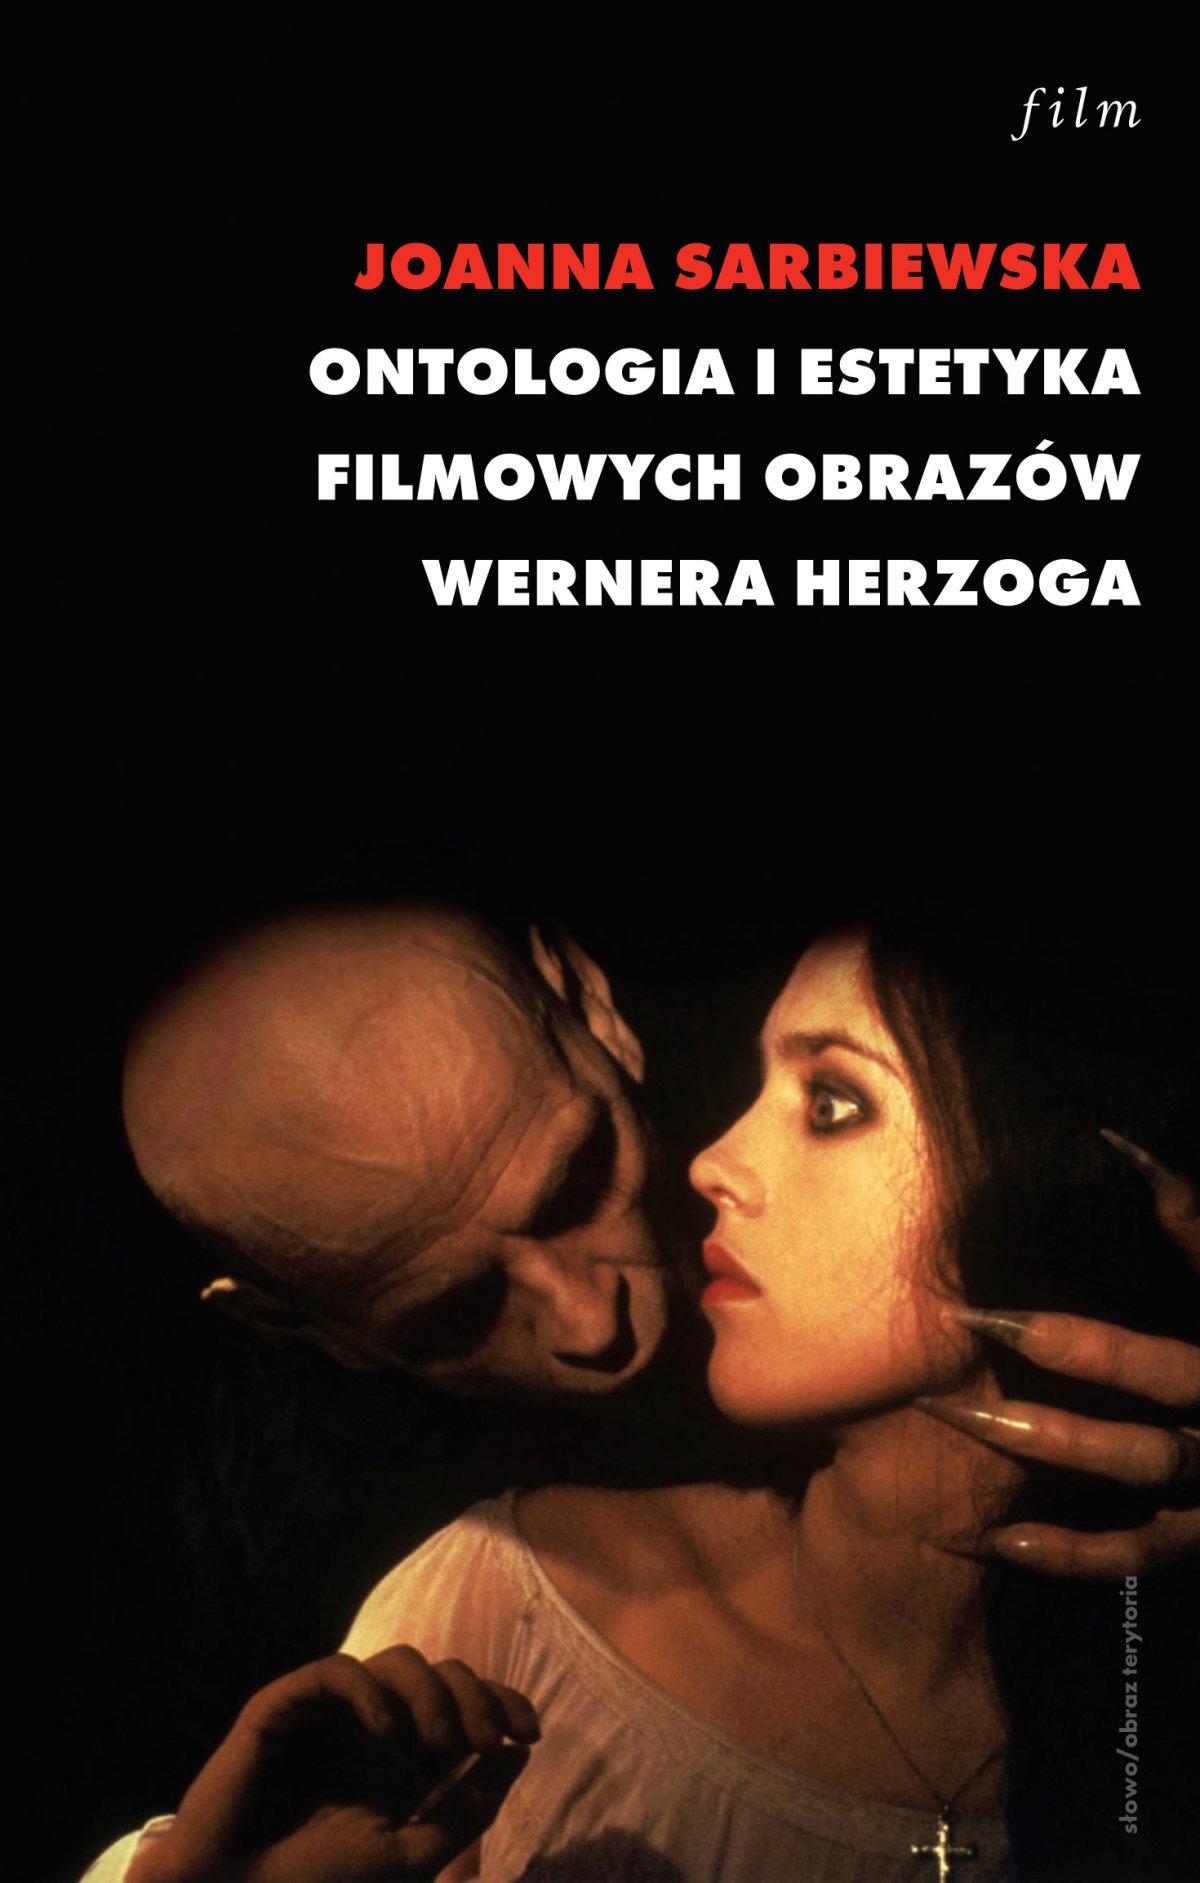 Ontologia i estetyka filmowych obrazów Wernera Herzoga - Ebook (Książka EPUB) do pobrania w formacie EPUB